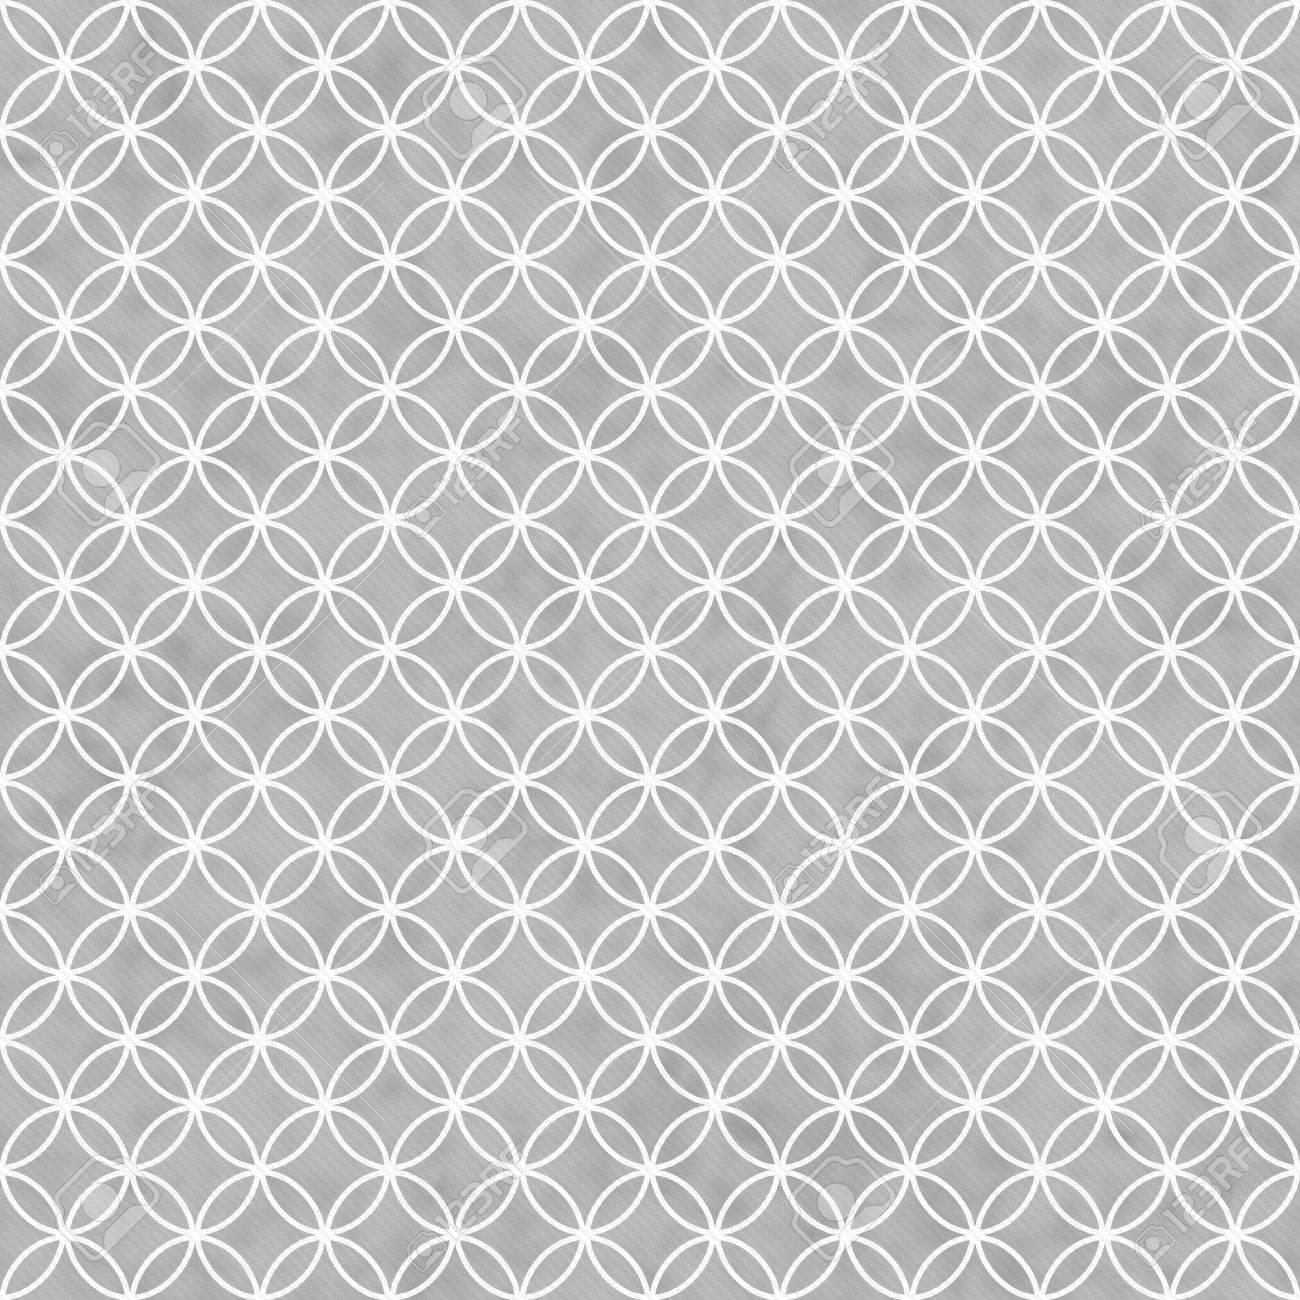 Grau Und Weiß Ineinander Greifenden Kreise Fliesen Muster Wiederholen  Hintergrund, Die Nahtlos Und Wiederholungen Ist